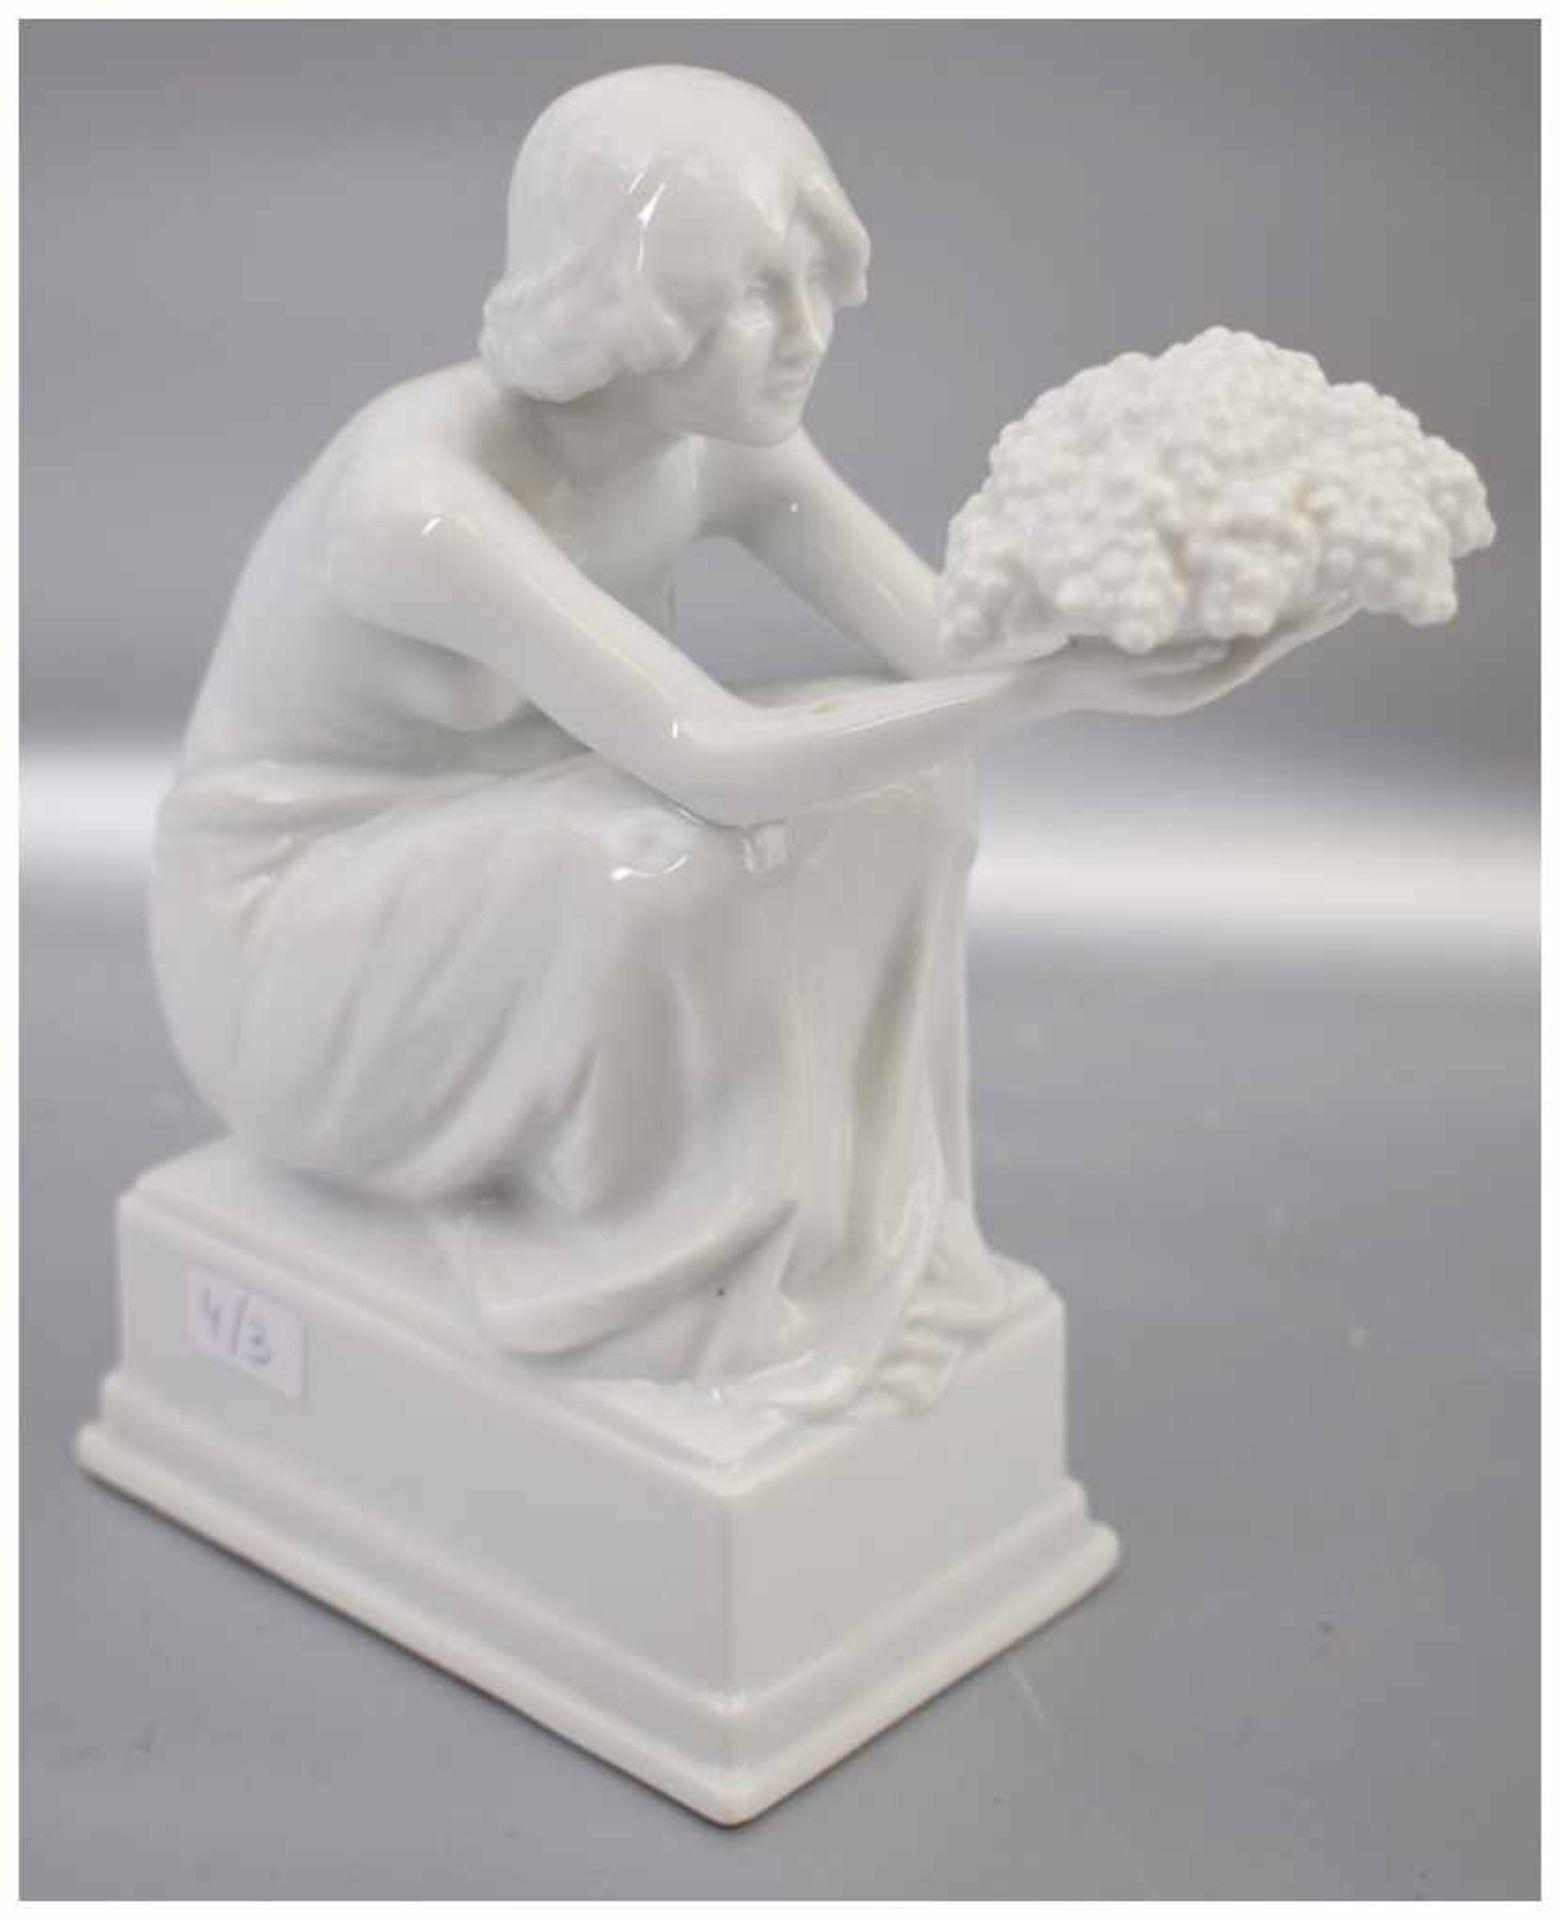 Los 39 - Mädchen mit Blumenschale auf rechteckigem Sockel hockend, weiß glasiert, H 16 cm, L 14 cm, FM